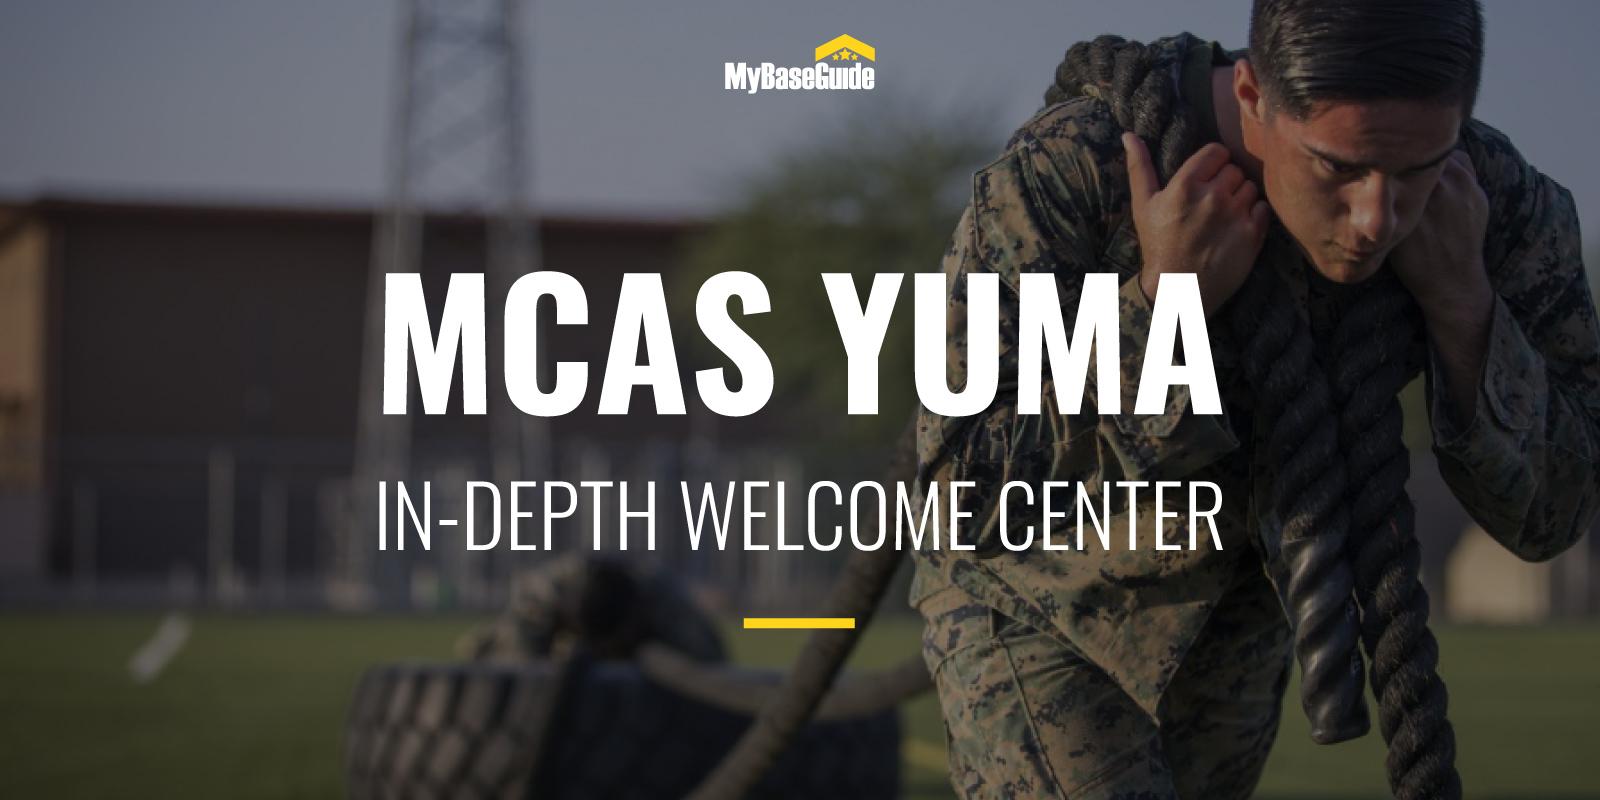 MCAS Yuma: In-Depth Welcome Center